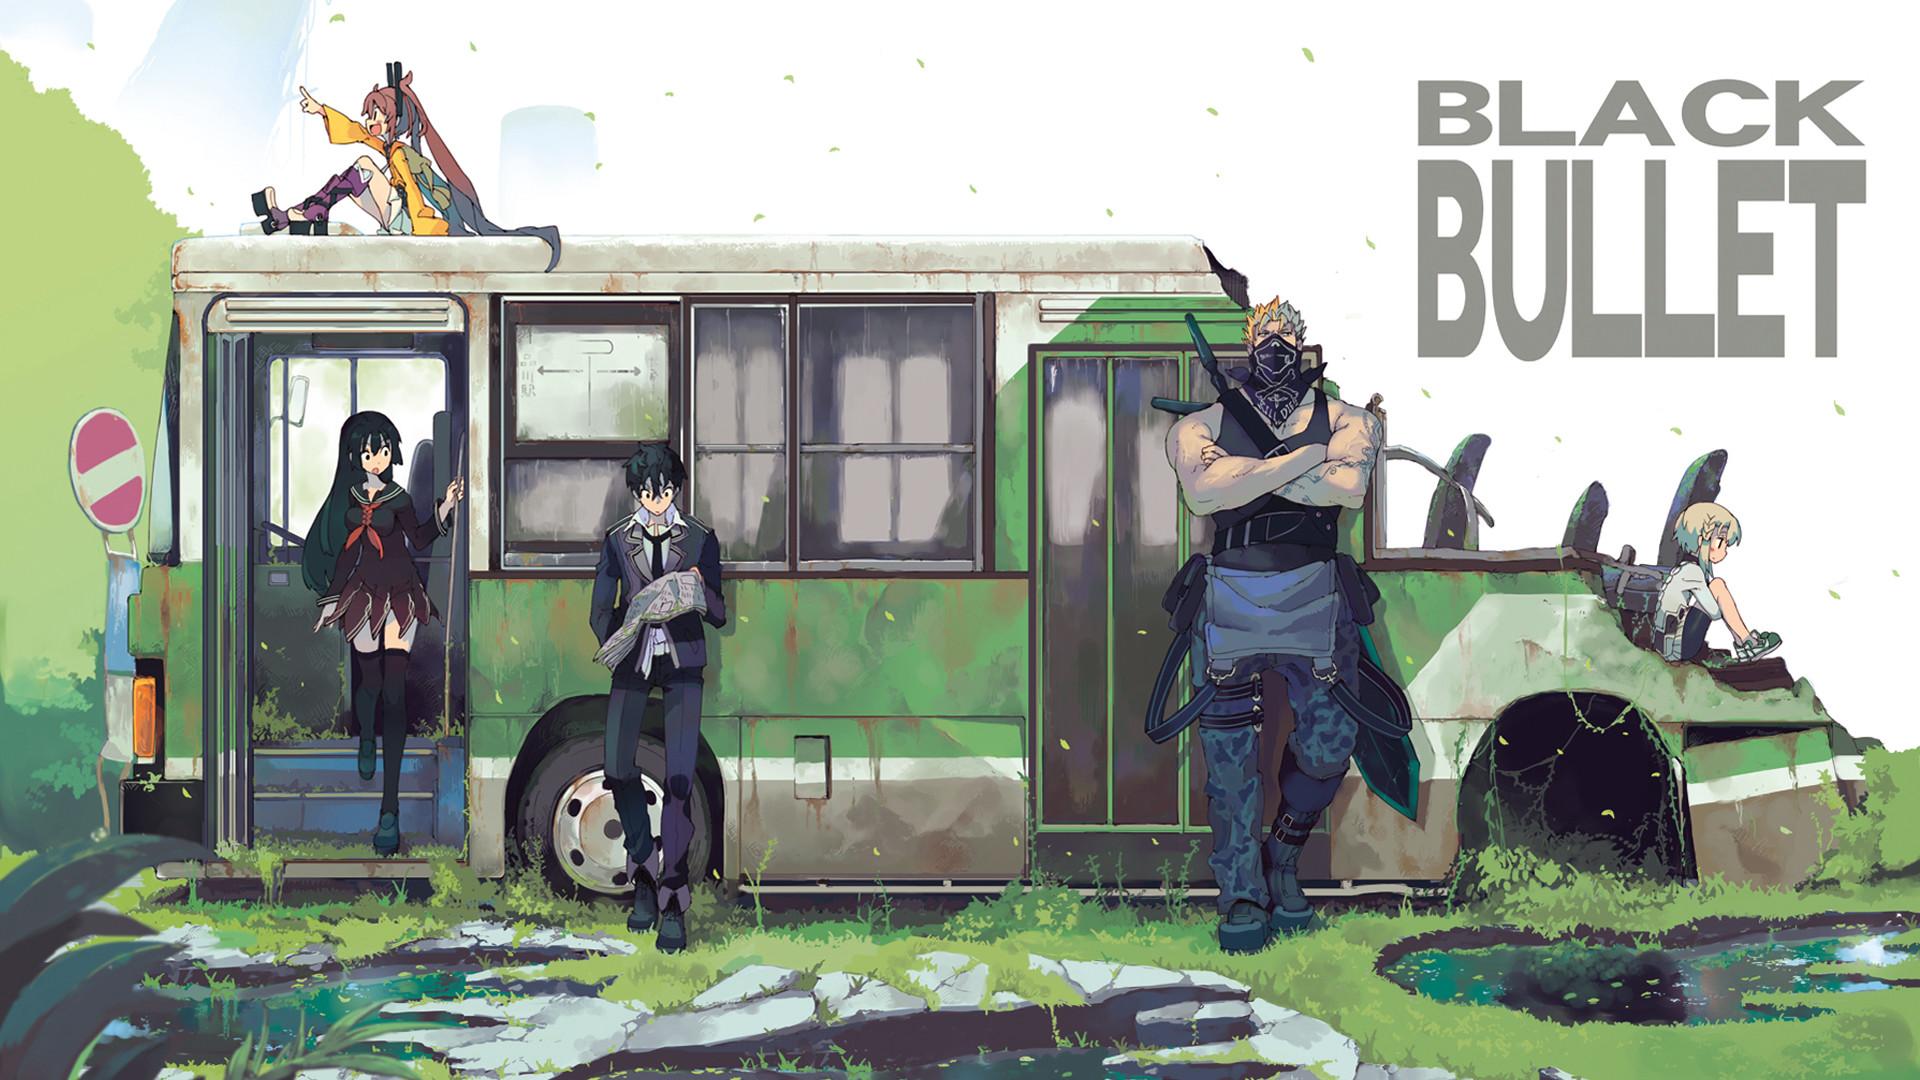 Black Bullet | Pinterest | Black bullet, Anime and Manga